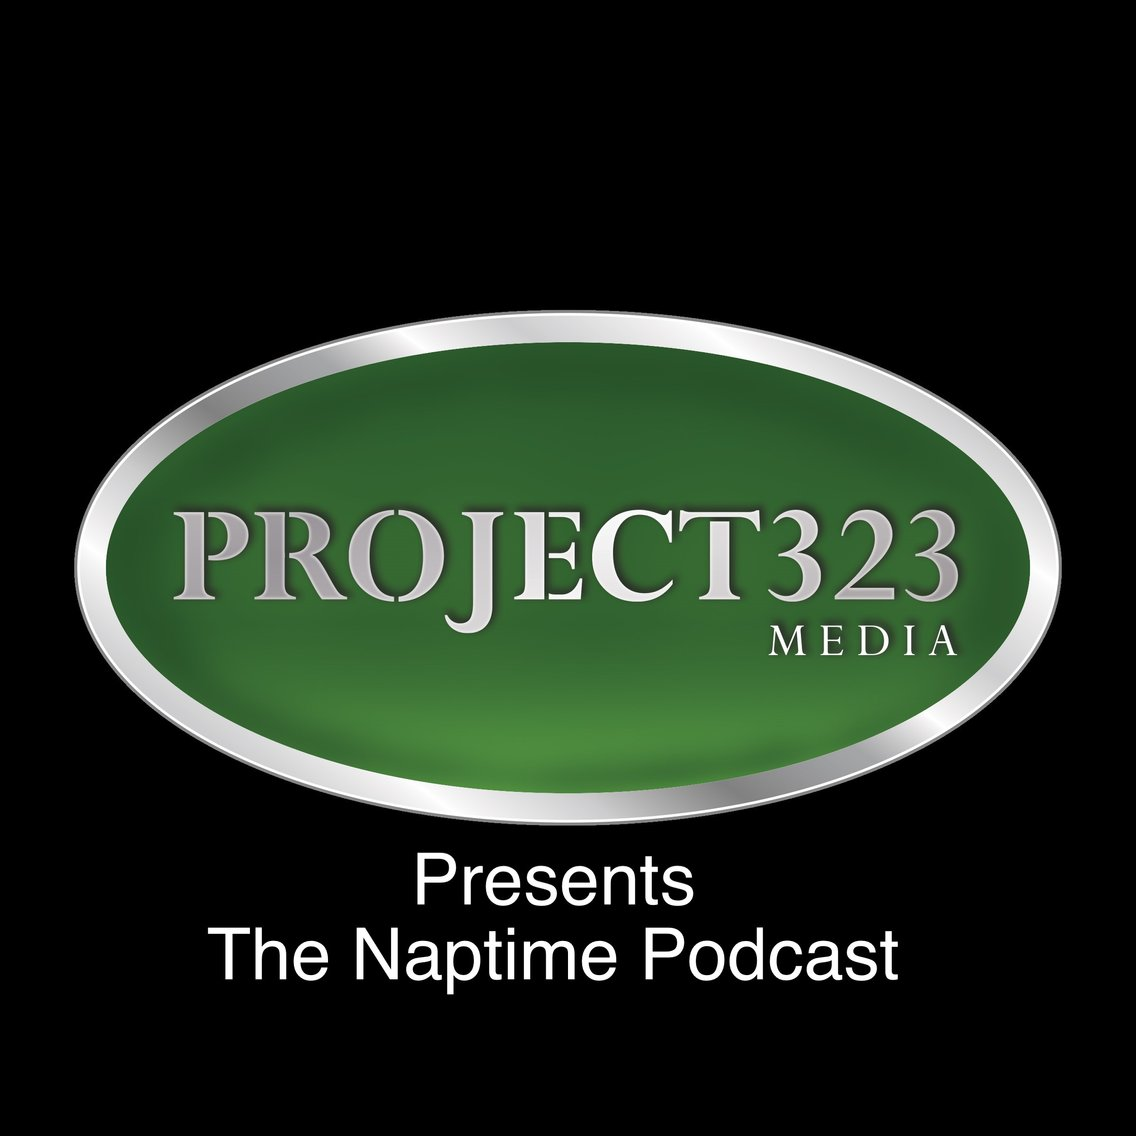 The Naptime Podcast - immagine di copertina